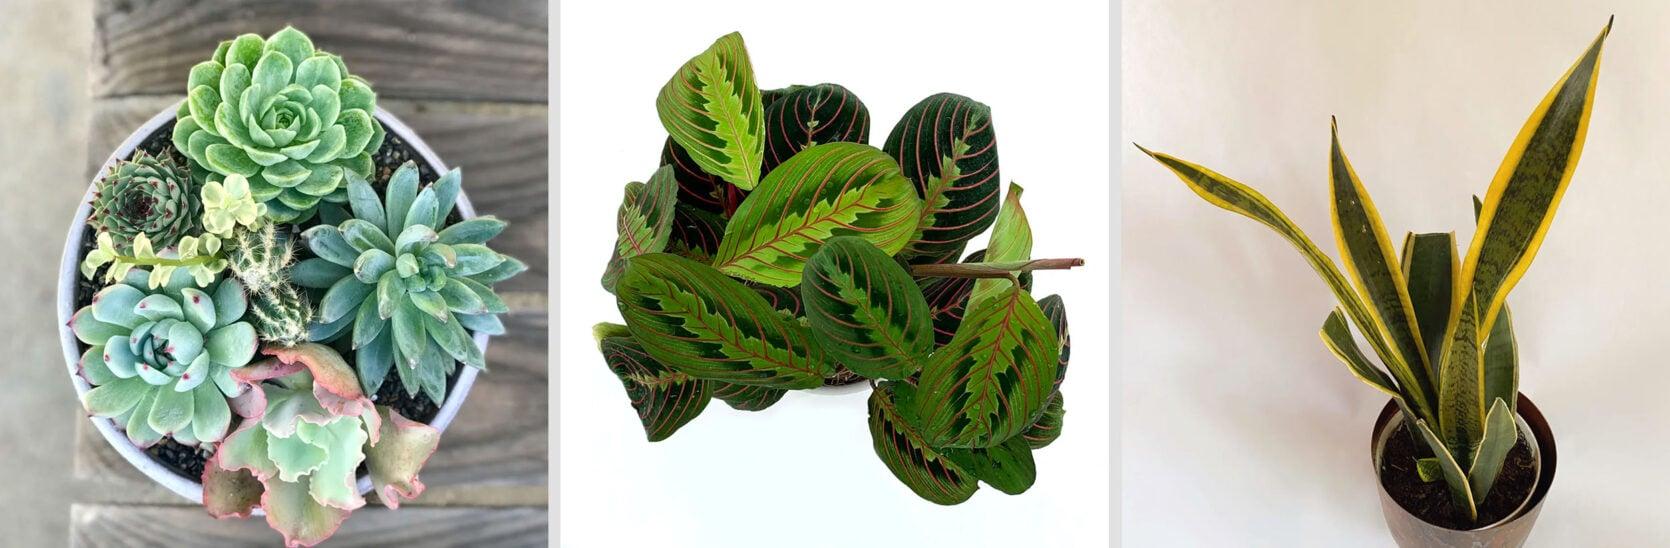 Emily Henderson Online Plant Guide Floom